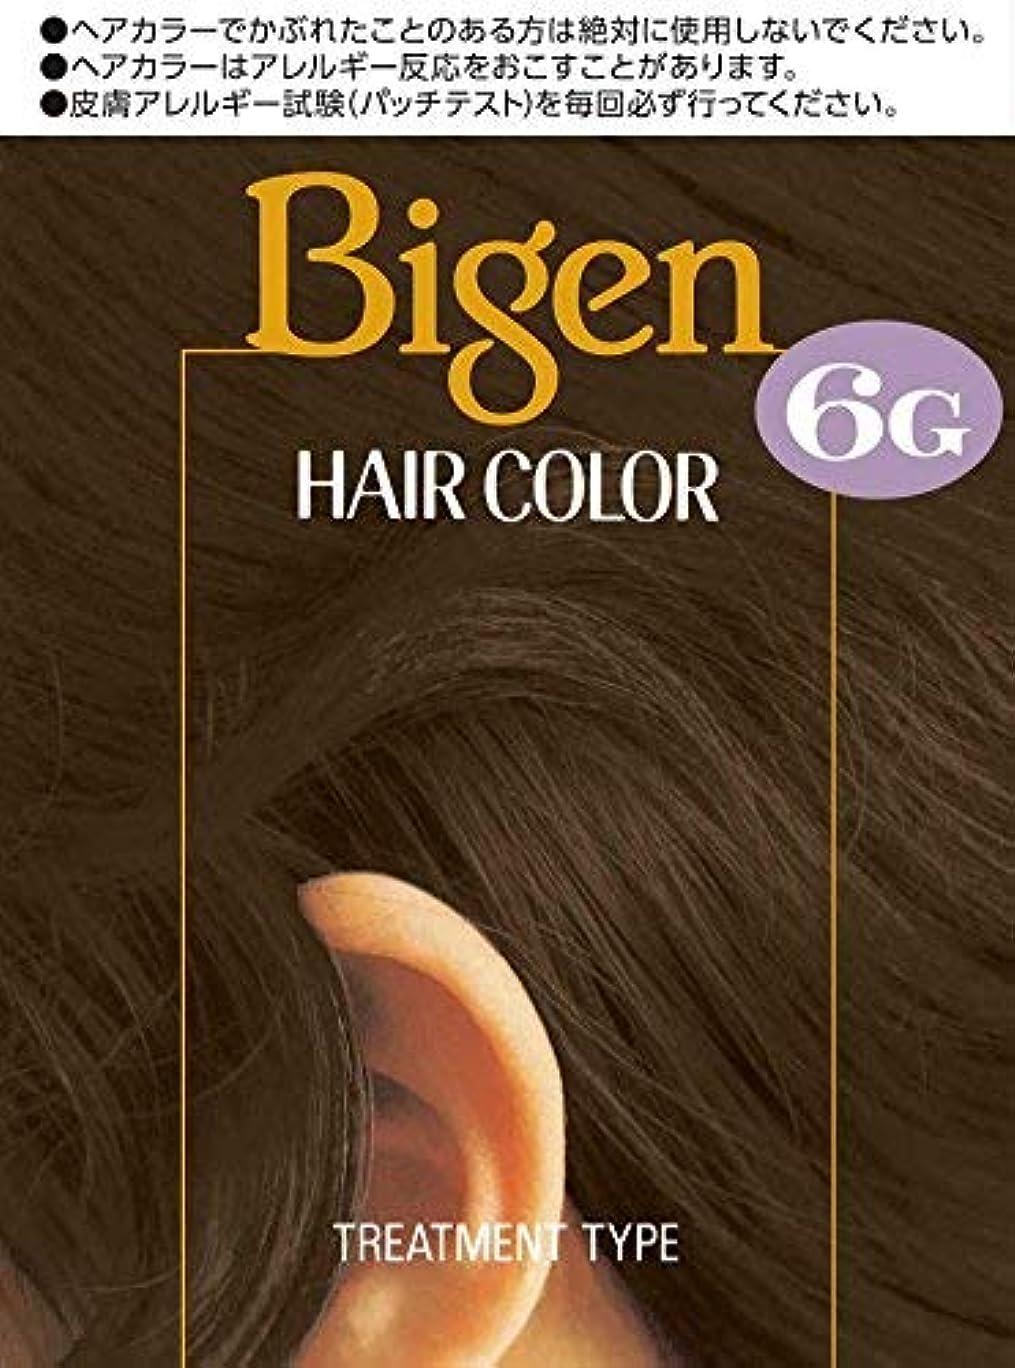 開発する届けるもつれホーユー ビゲン ヘアカラー 6G (自然な褐色) 40mL+40mL ×6個